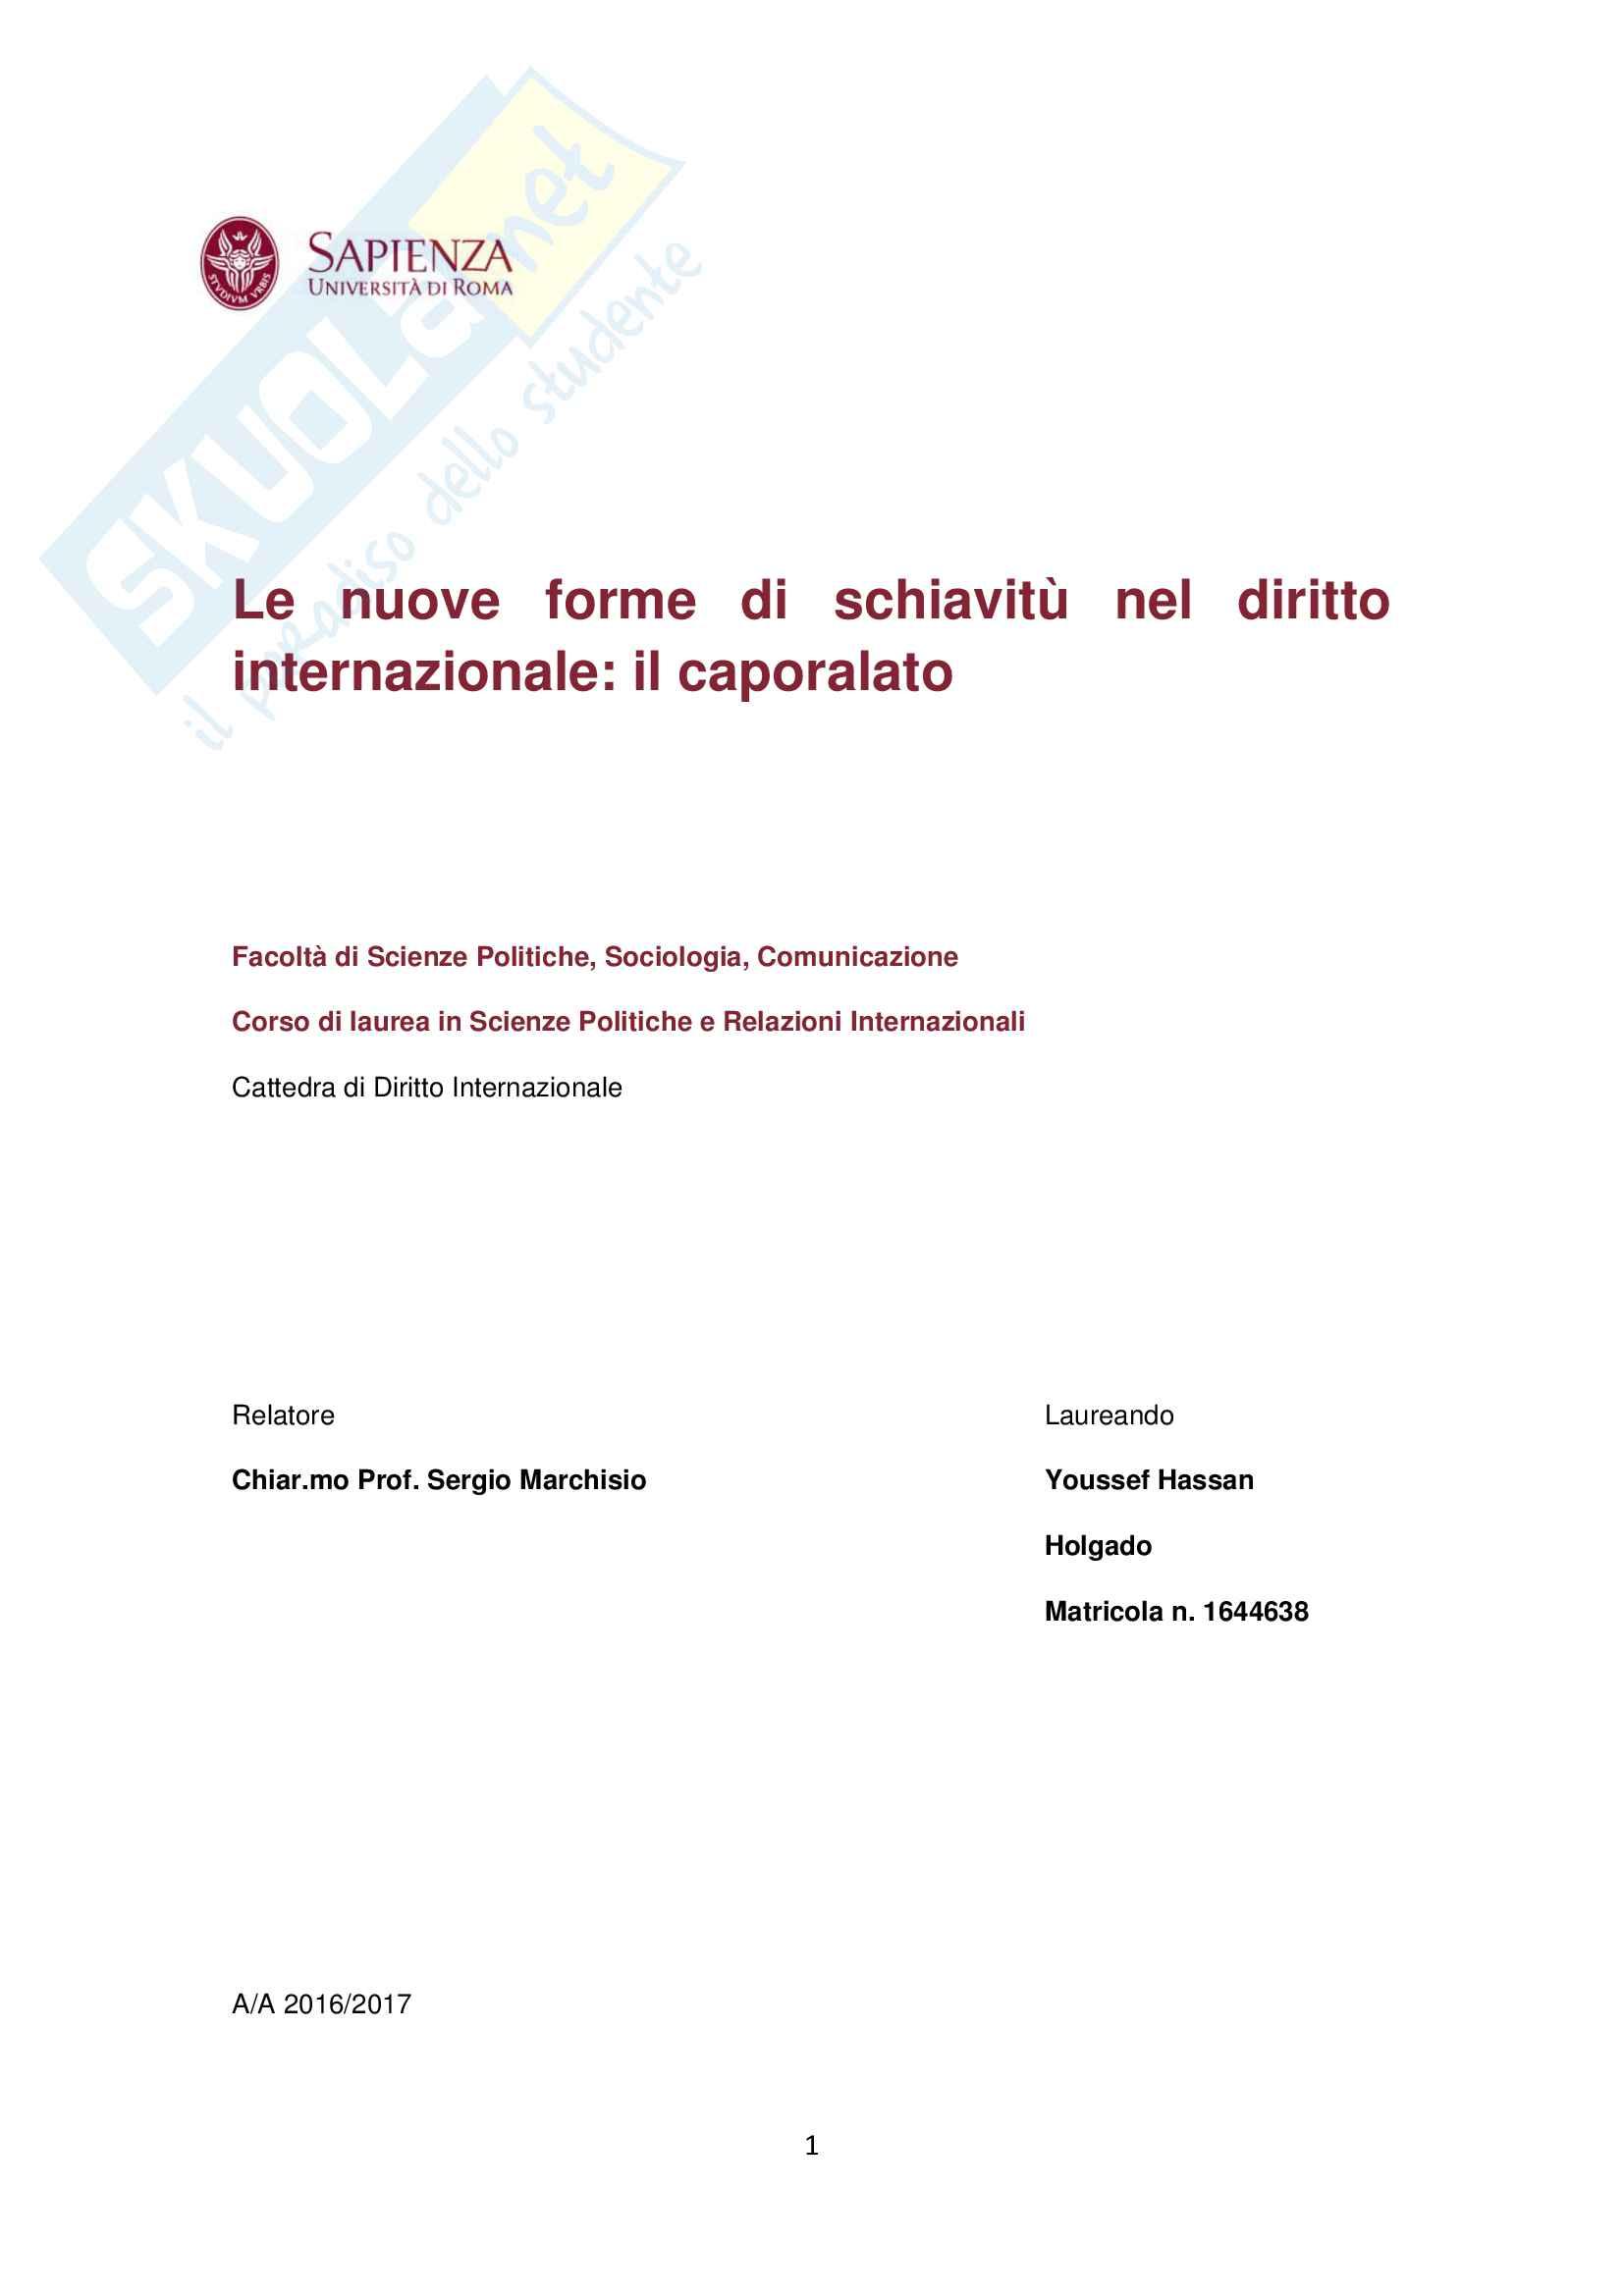 """Tesi """"Le nuove forme di schiavitù nel diritto internazionale: il caporalato"""""""